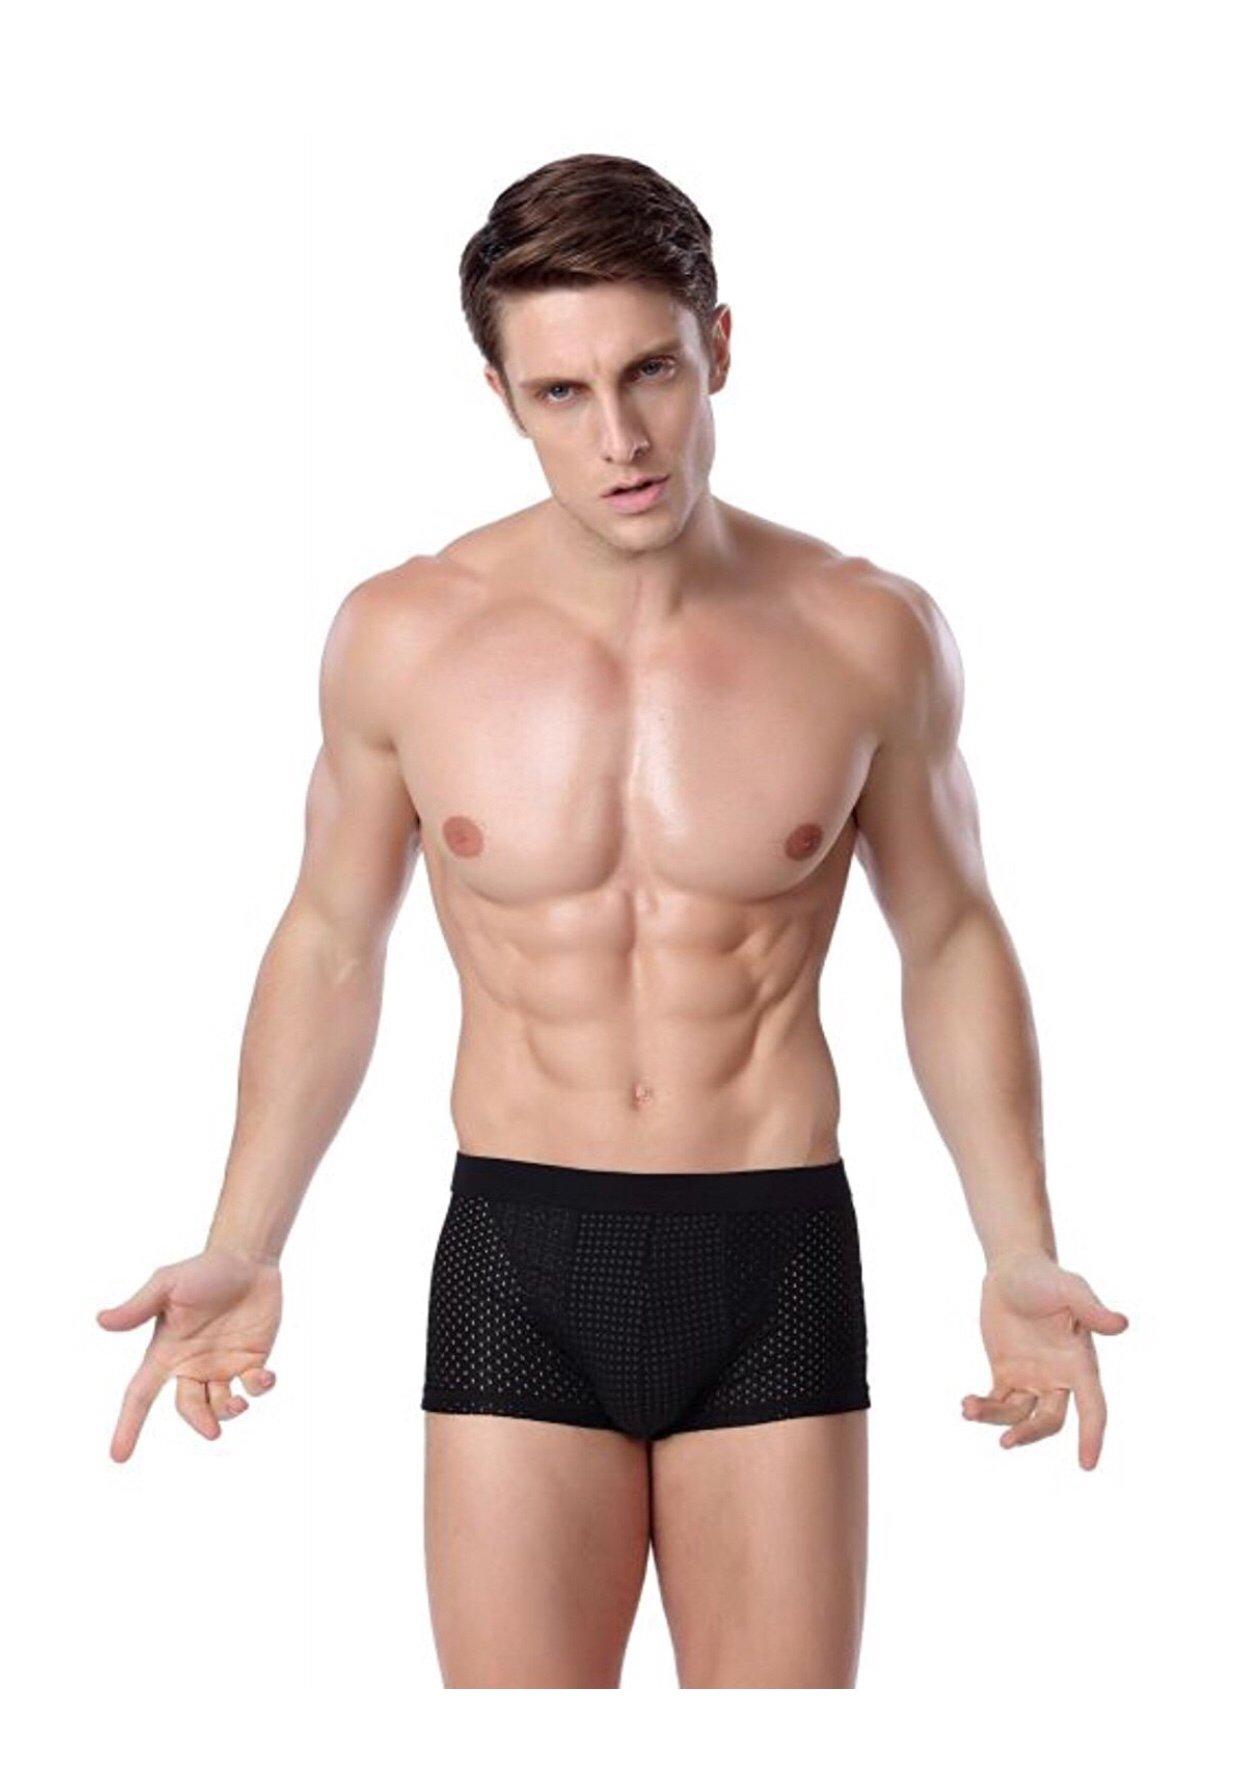 New VKWEIKU Men Underwear Magnetic Separate scrotum care Shorts briefs